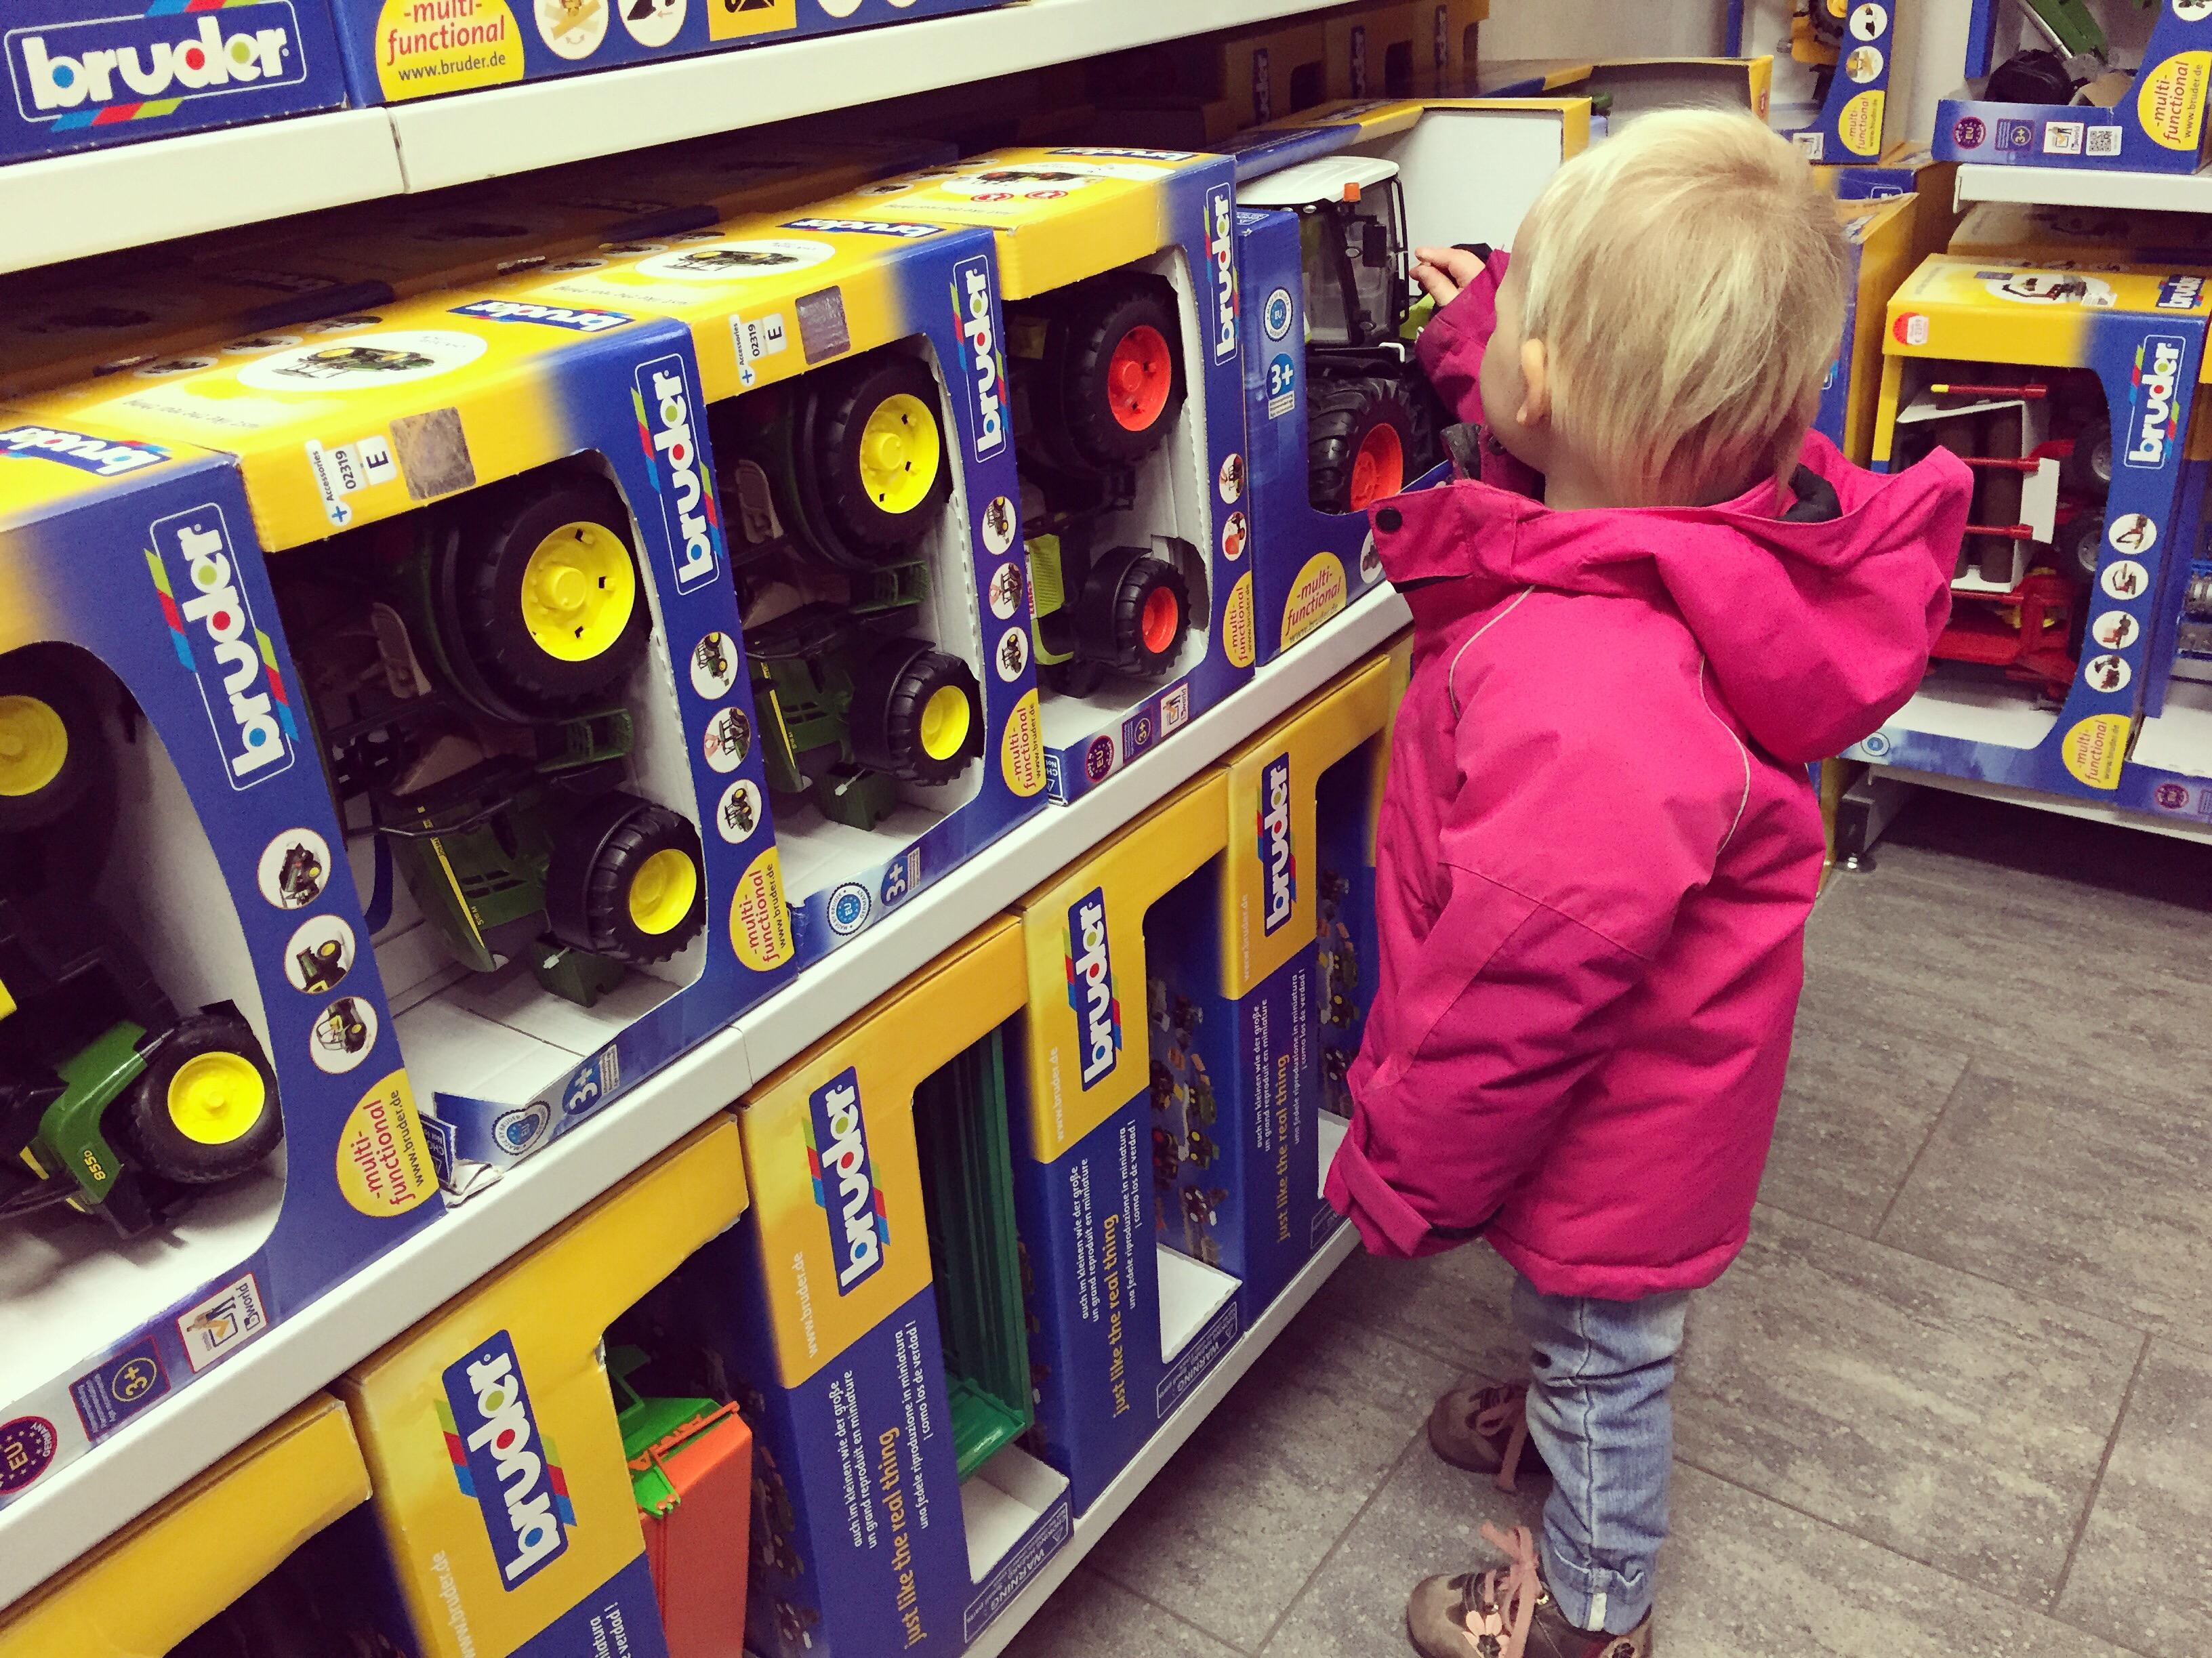 Op zaterdag gingen we boodschappen doen en keken we rond in de speelgoedwinkel. Liza is verzot op Tractors en was dus daar te vinden :)